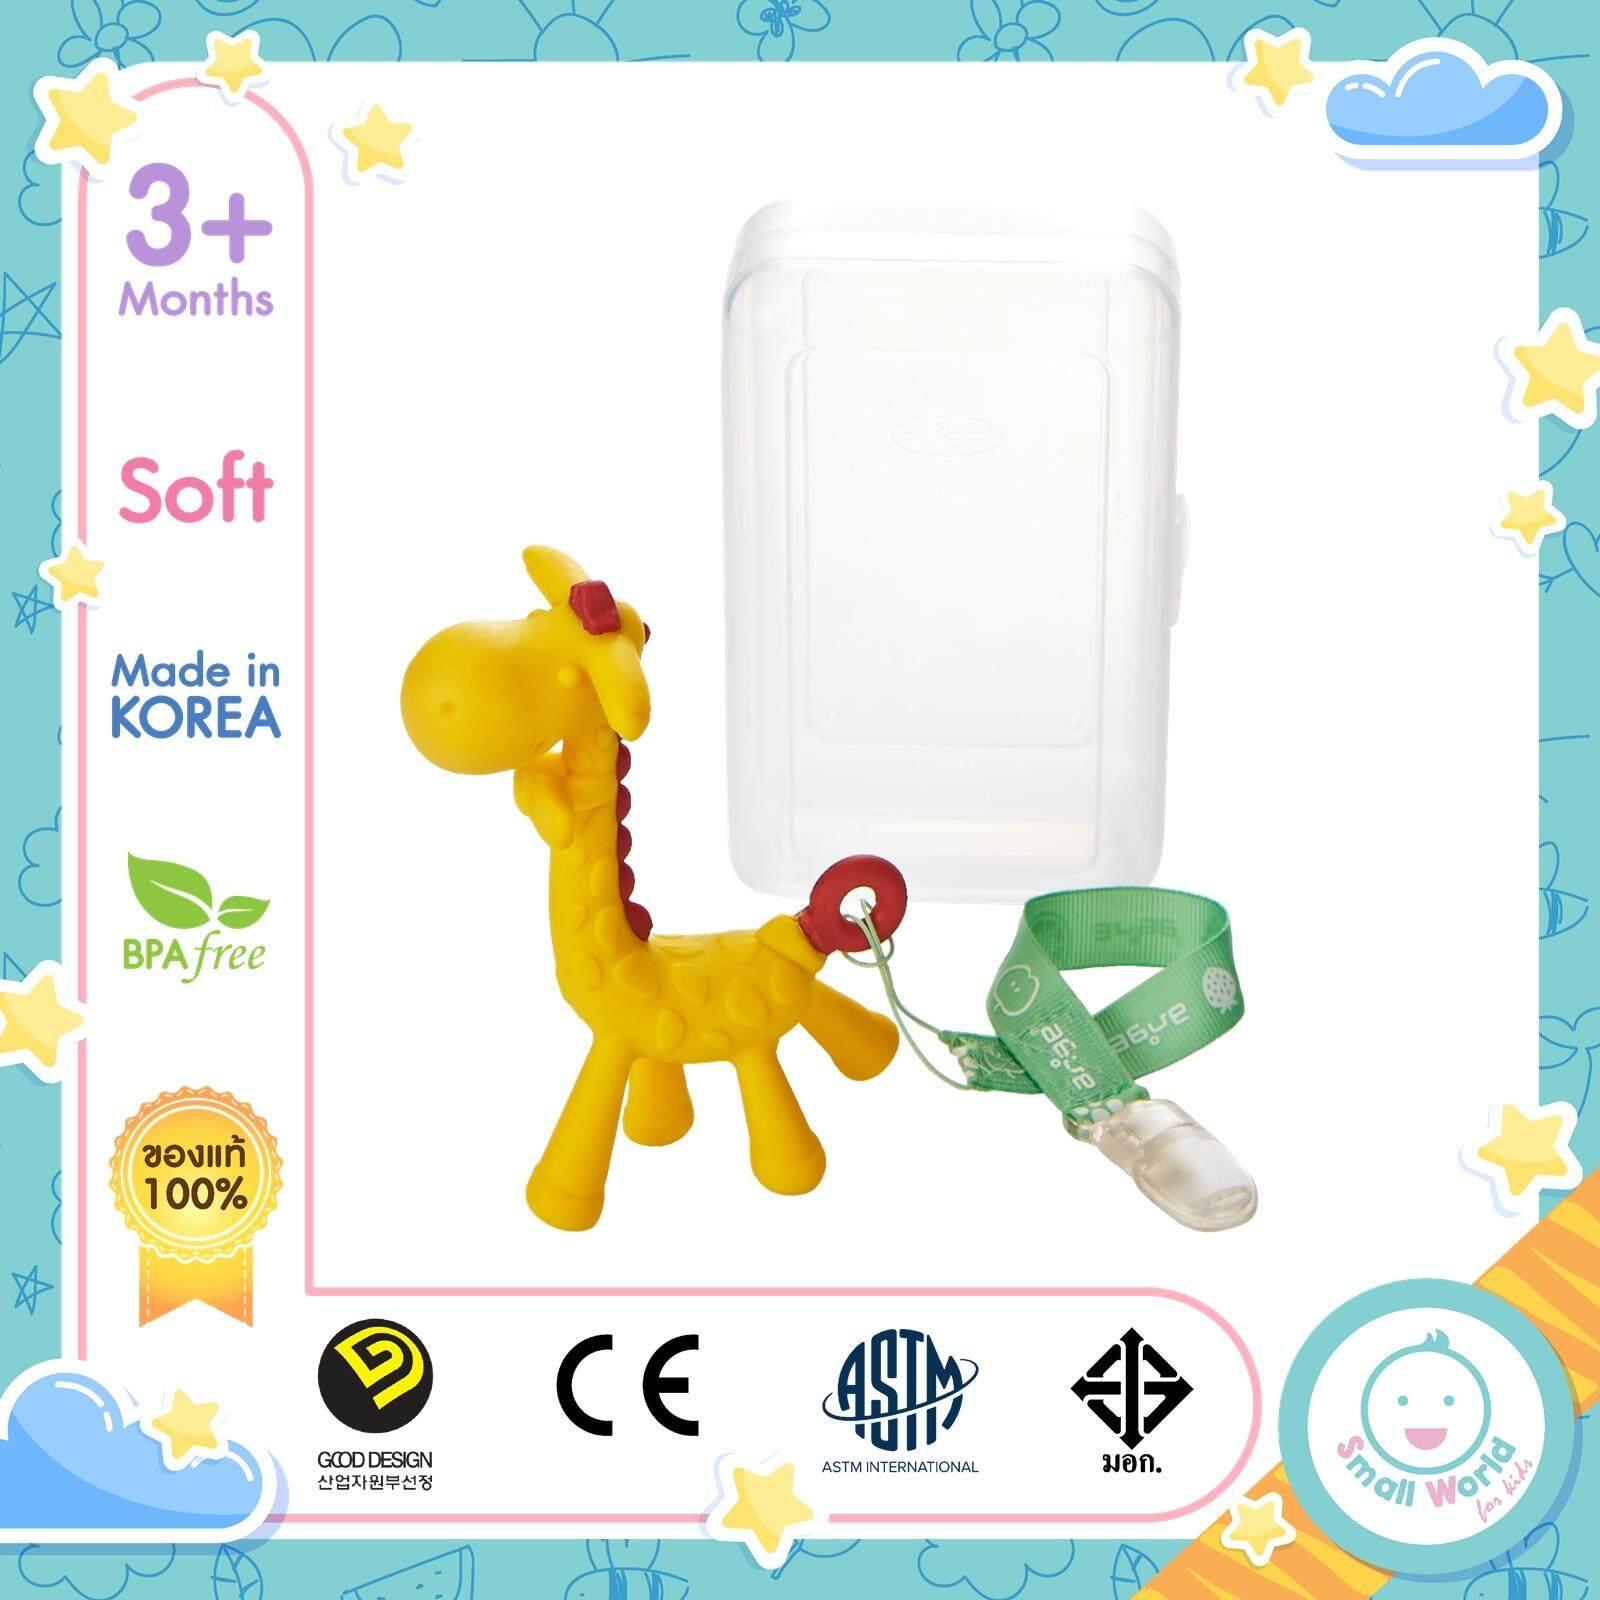 ราคา Ange(อังจู) Giraffe with Case & Clip ยางกัดยีราฟรุ่นพิเศษ พร้อมกล่องและคลิปคละสี (สินค้าของแท้ มี มอก.) - คลิปกันหล่นแบบซิลิโคน